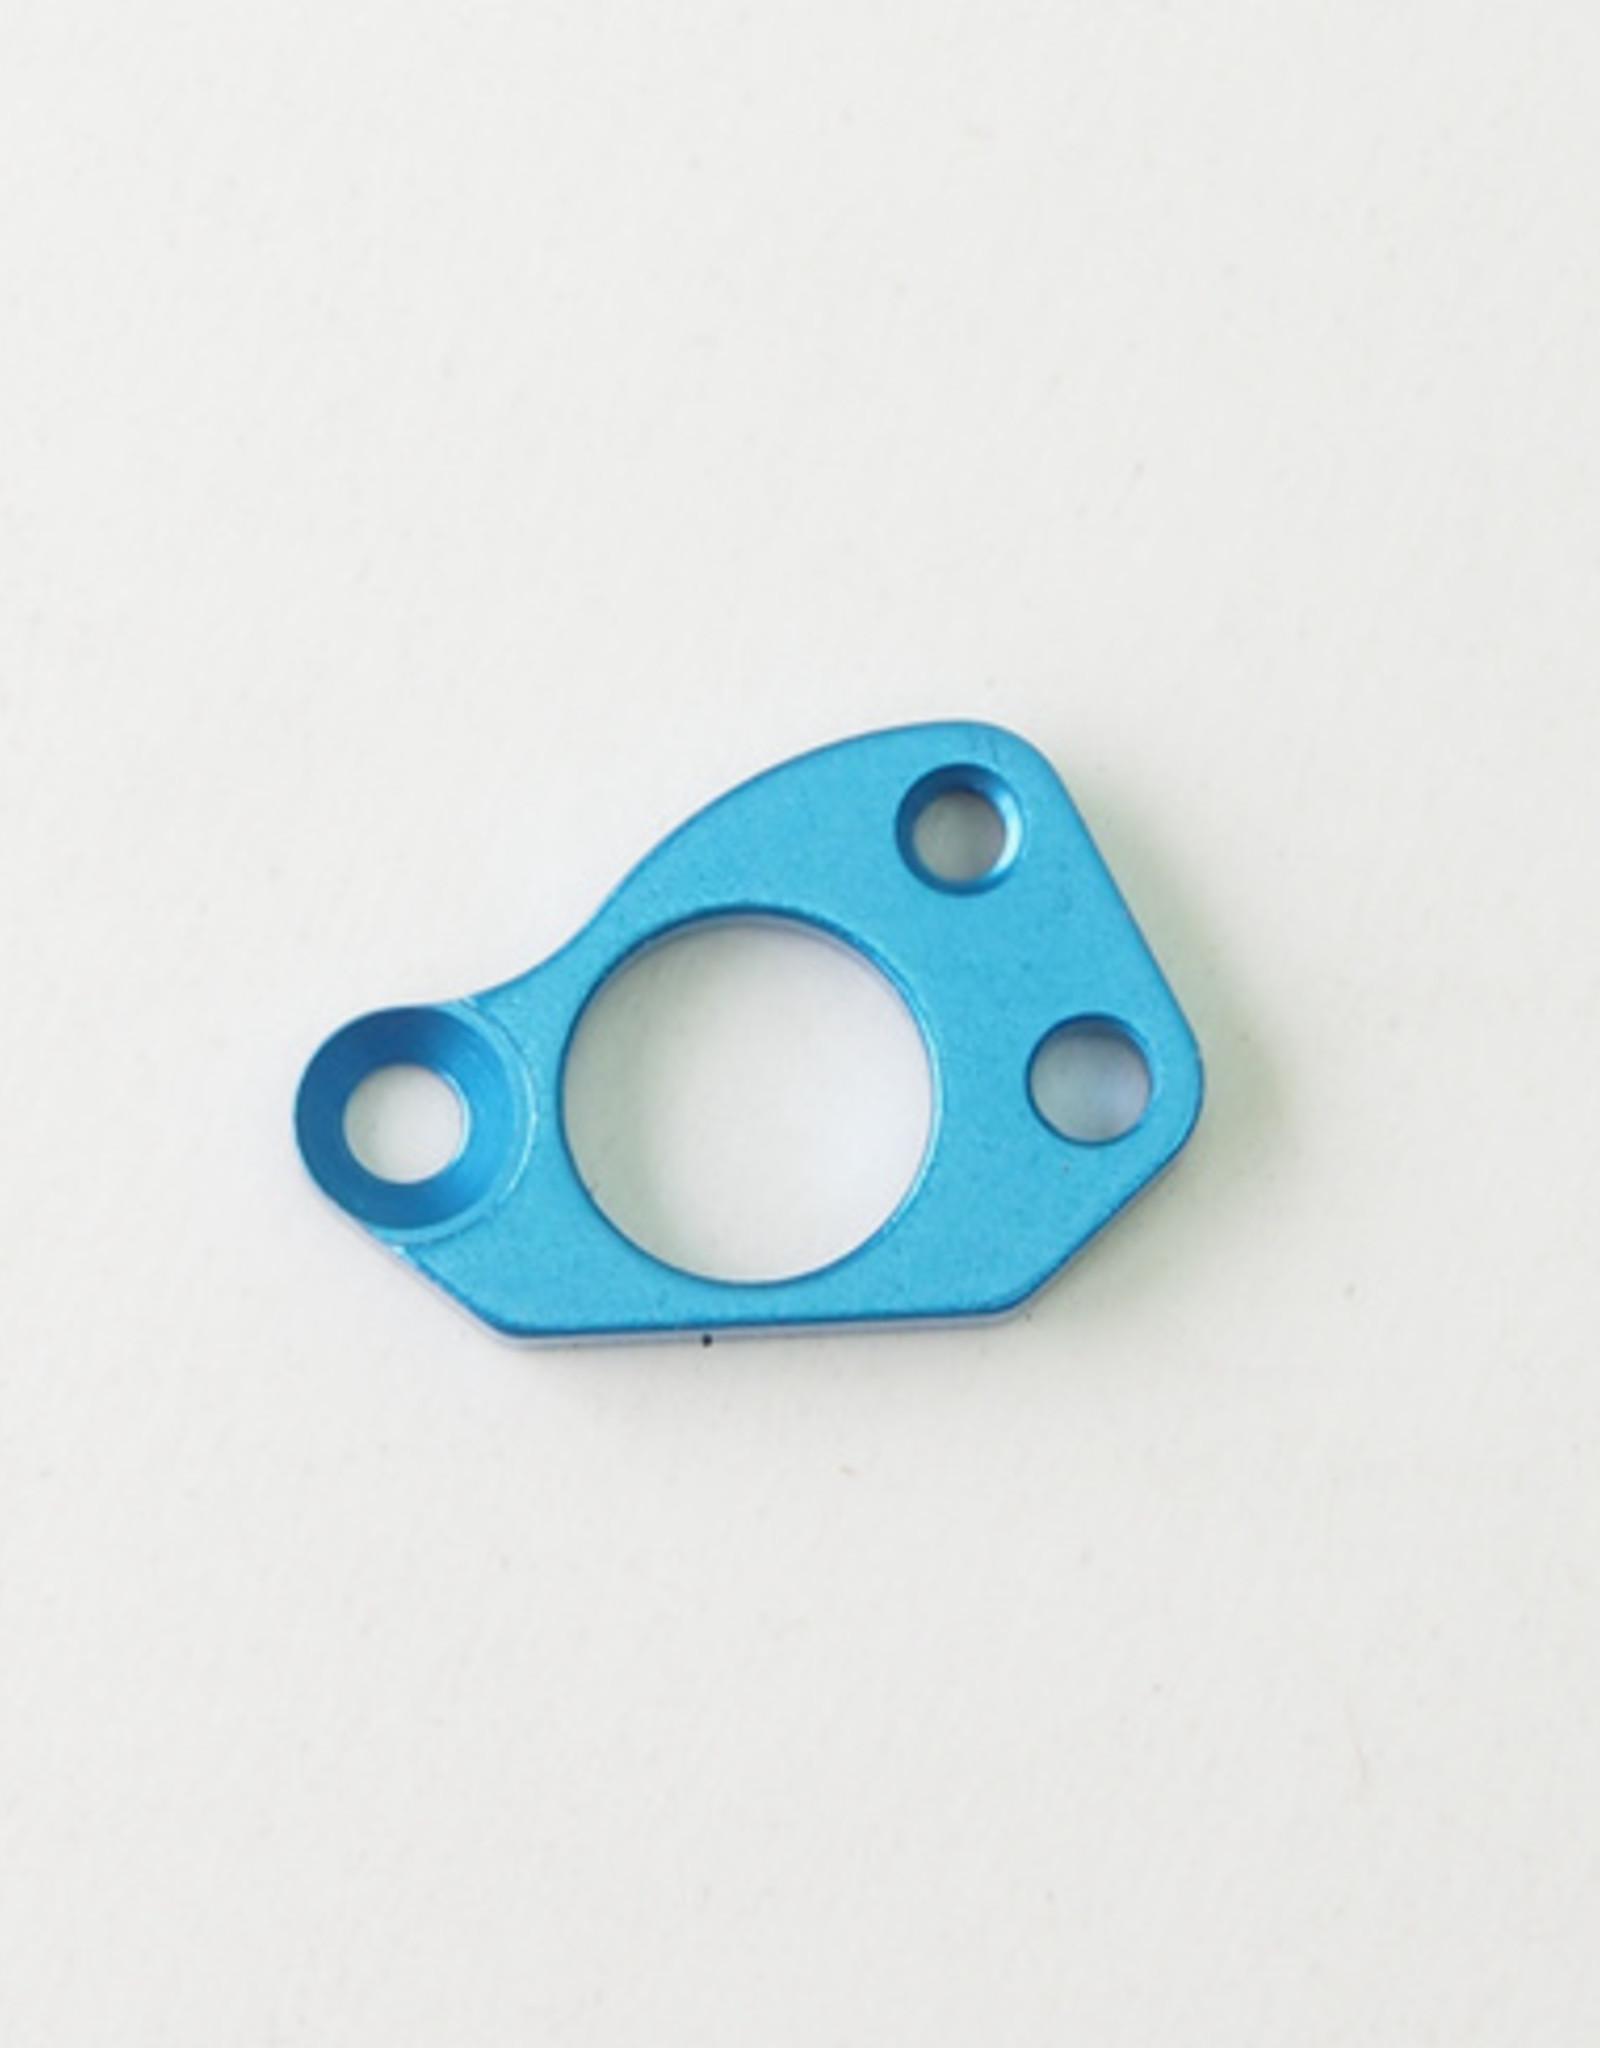 Pn Racing PN Racing Mini-Z V5 LCG Motor Mount Motor Plate Adaptor (Blue)